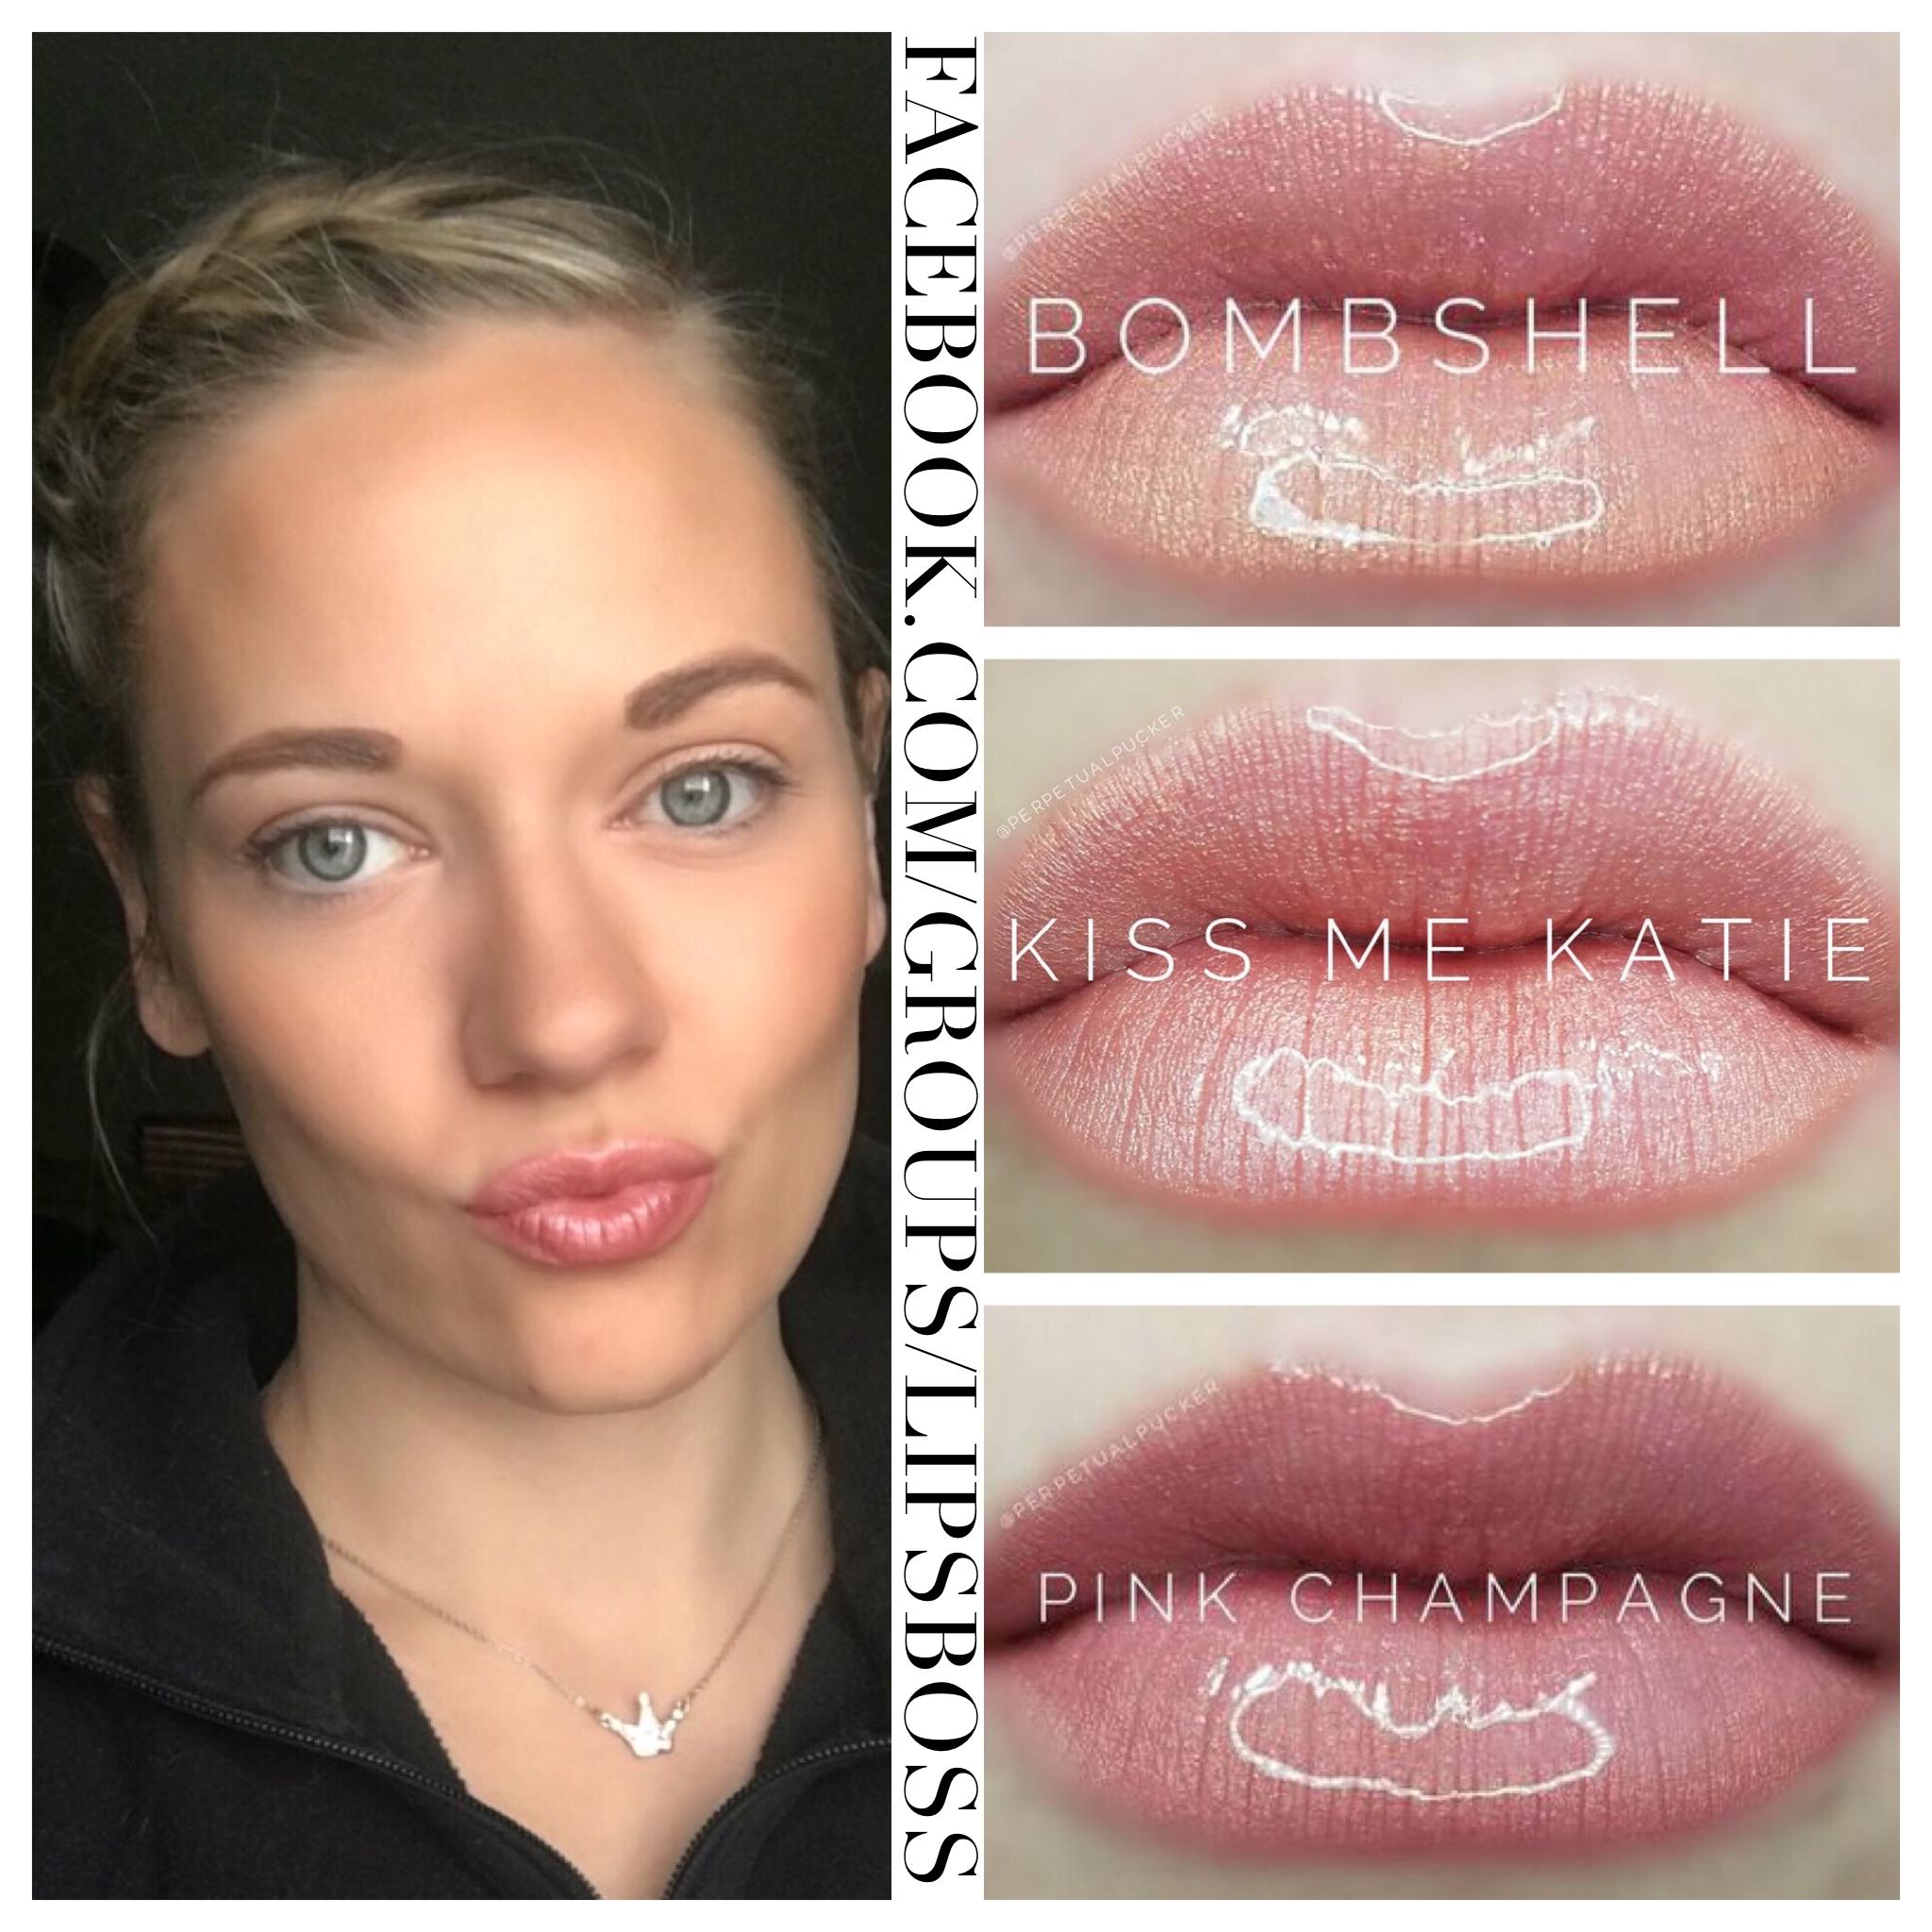 Black And Pink Kiss Makeup: LipSense Natural Pre Mixed Combo. Pink Champagne, Kiss Me